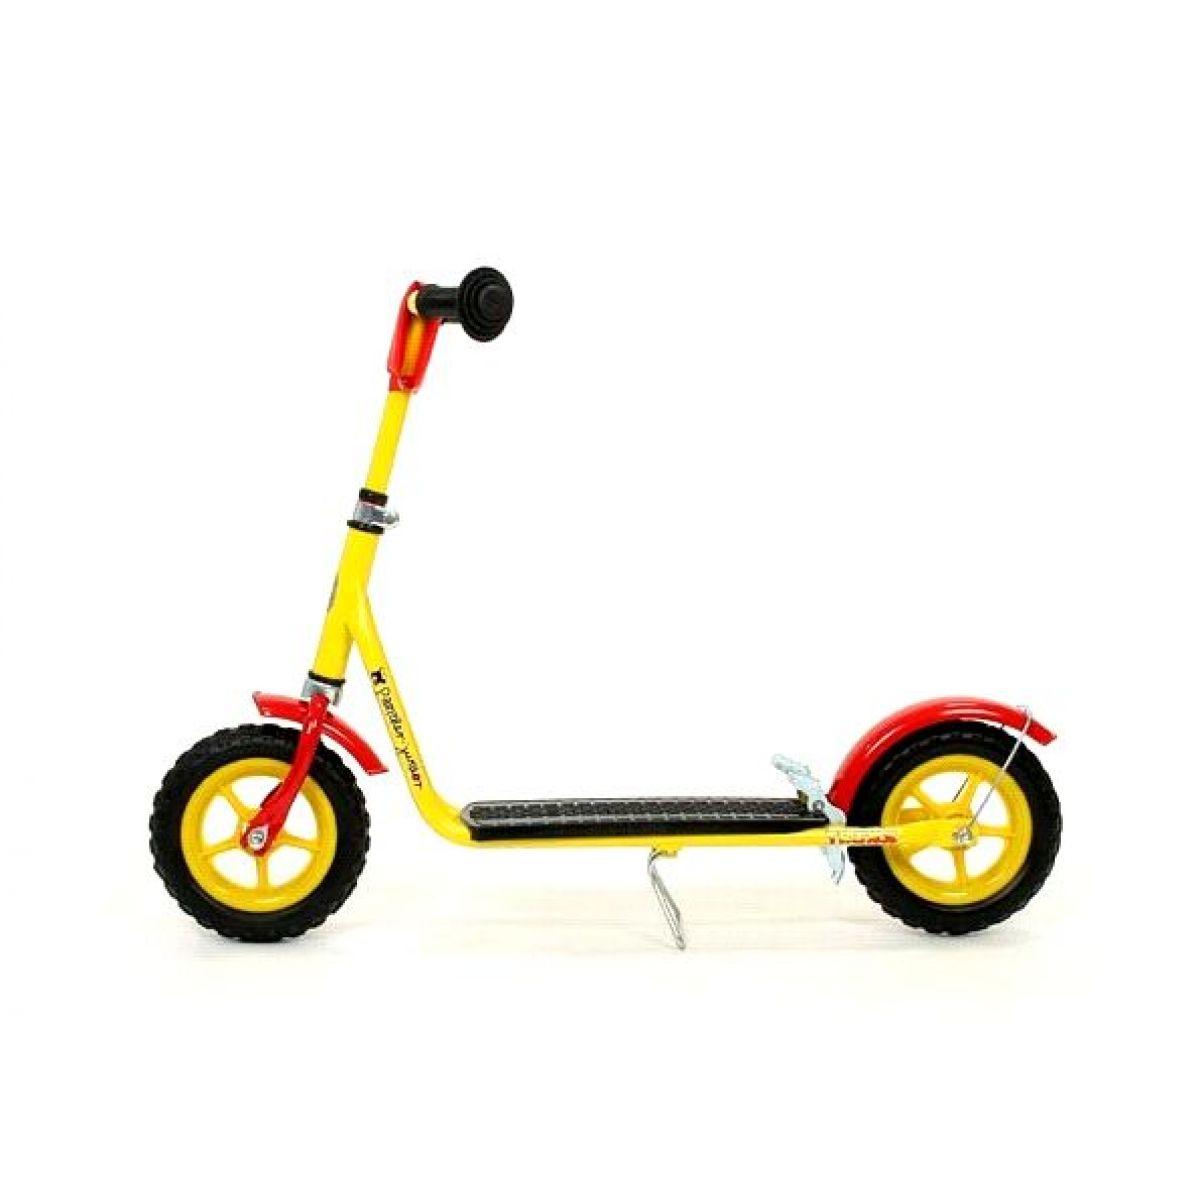 Panther Junior Koloběžka TRIXX 8 Speciál - žlutý PVC ráfek-žlutá